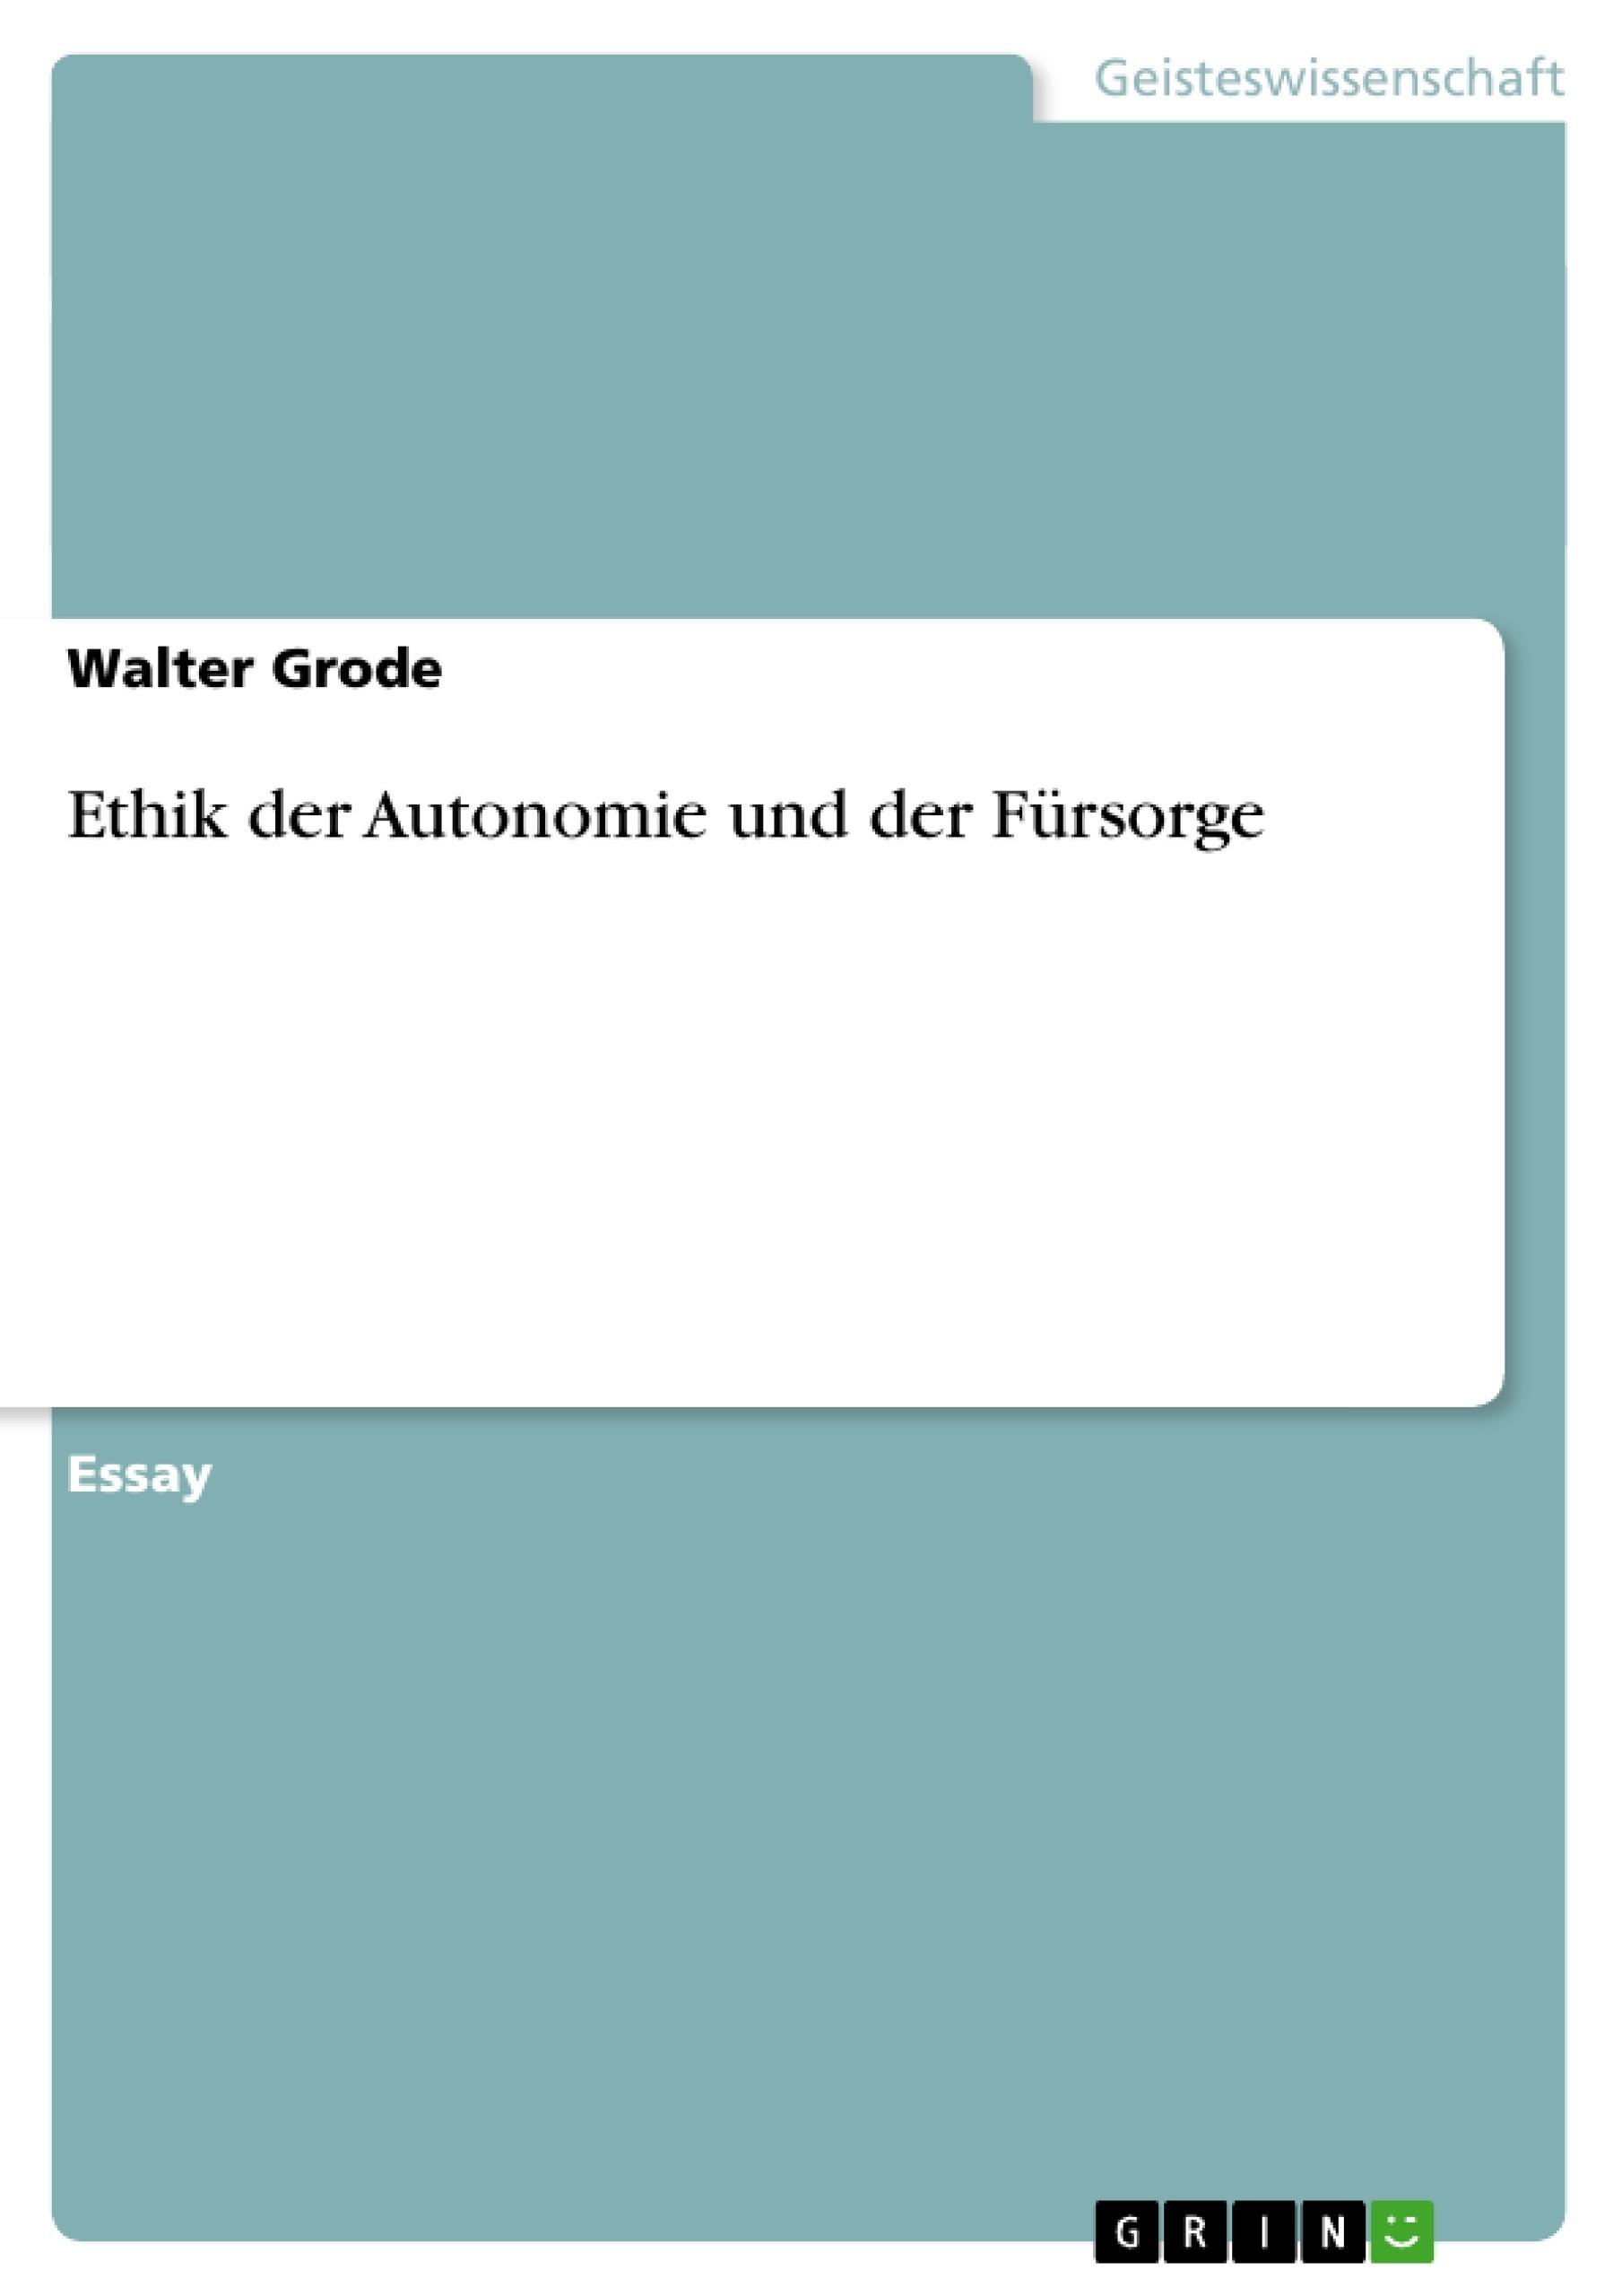 Titel: Ethik der Autonomie und der Fürsorge